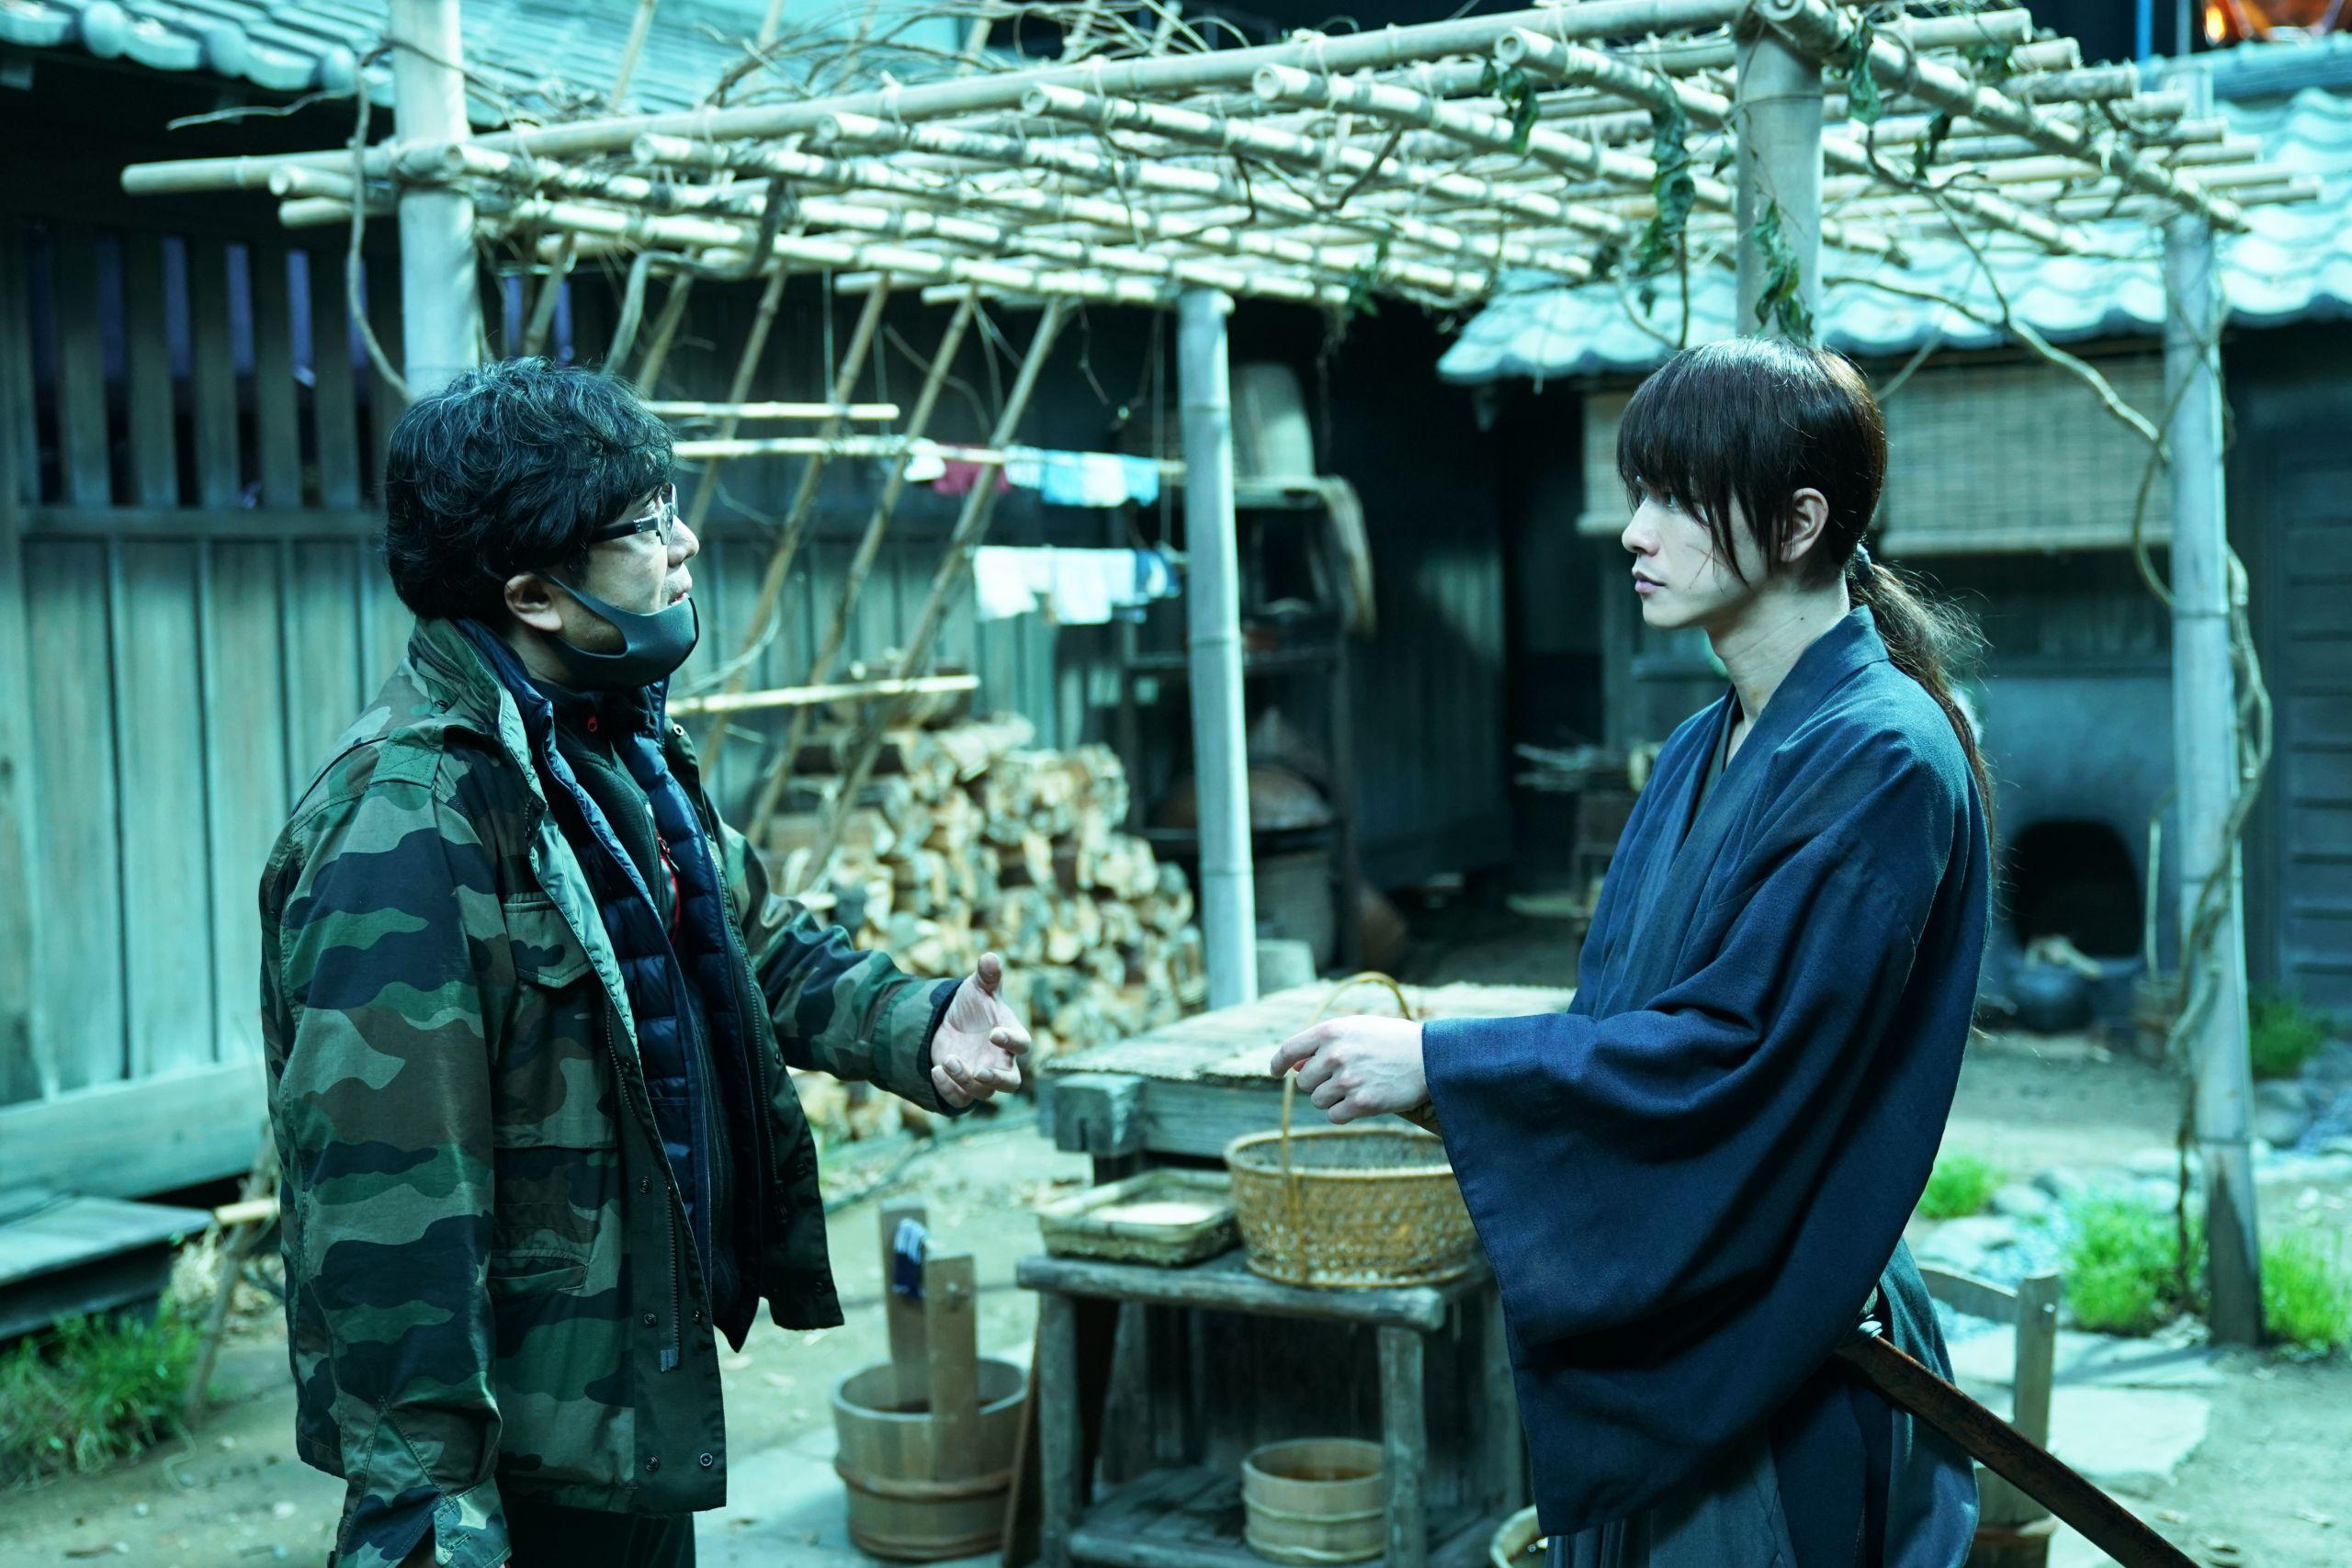 Rurouni Kenshin Keishi Otomo NHK Movie